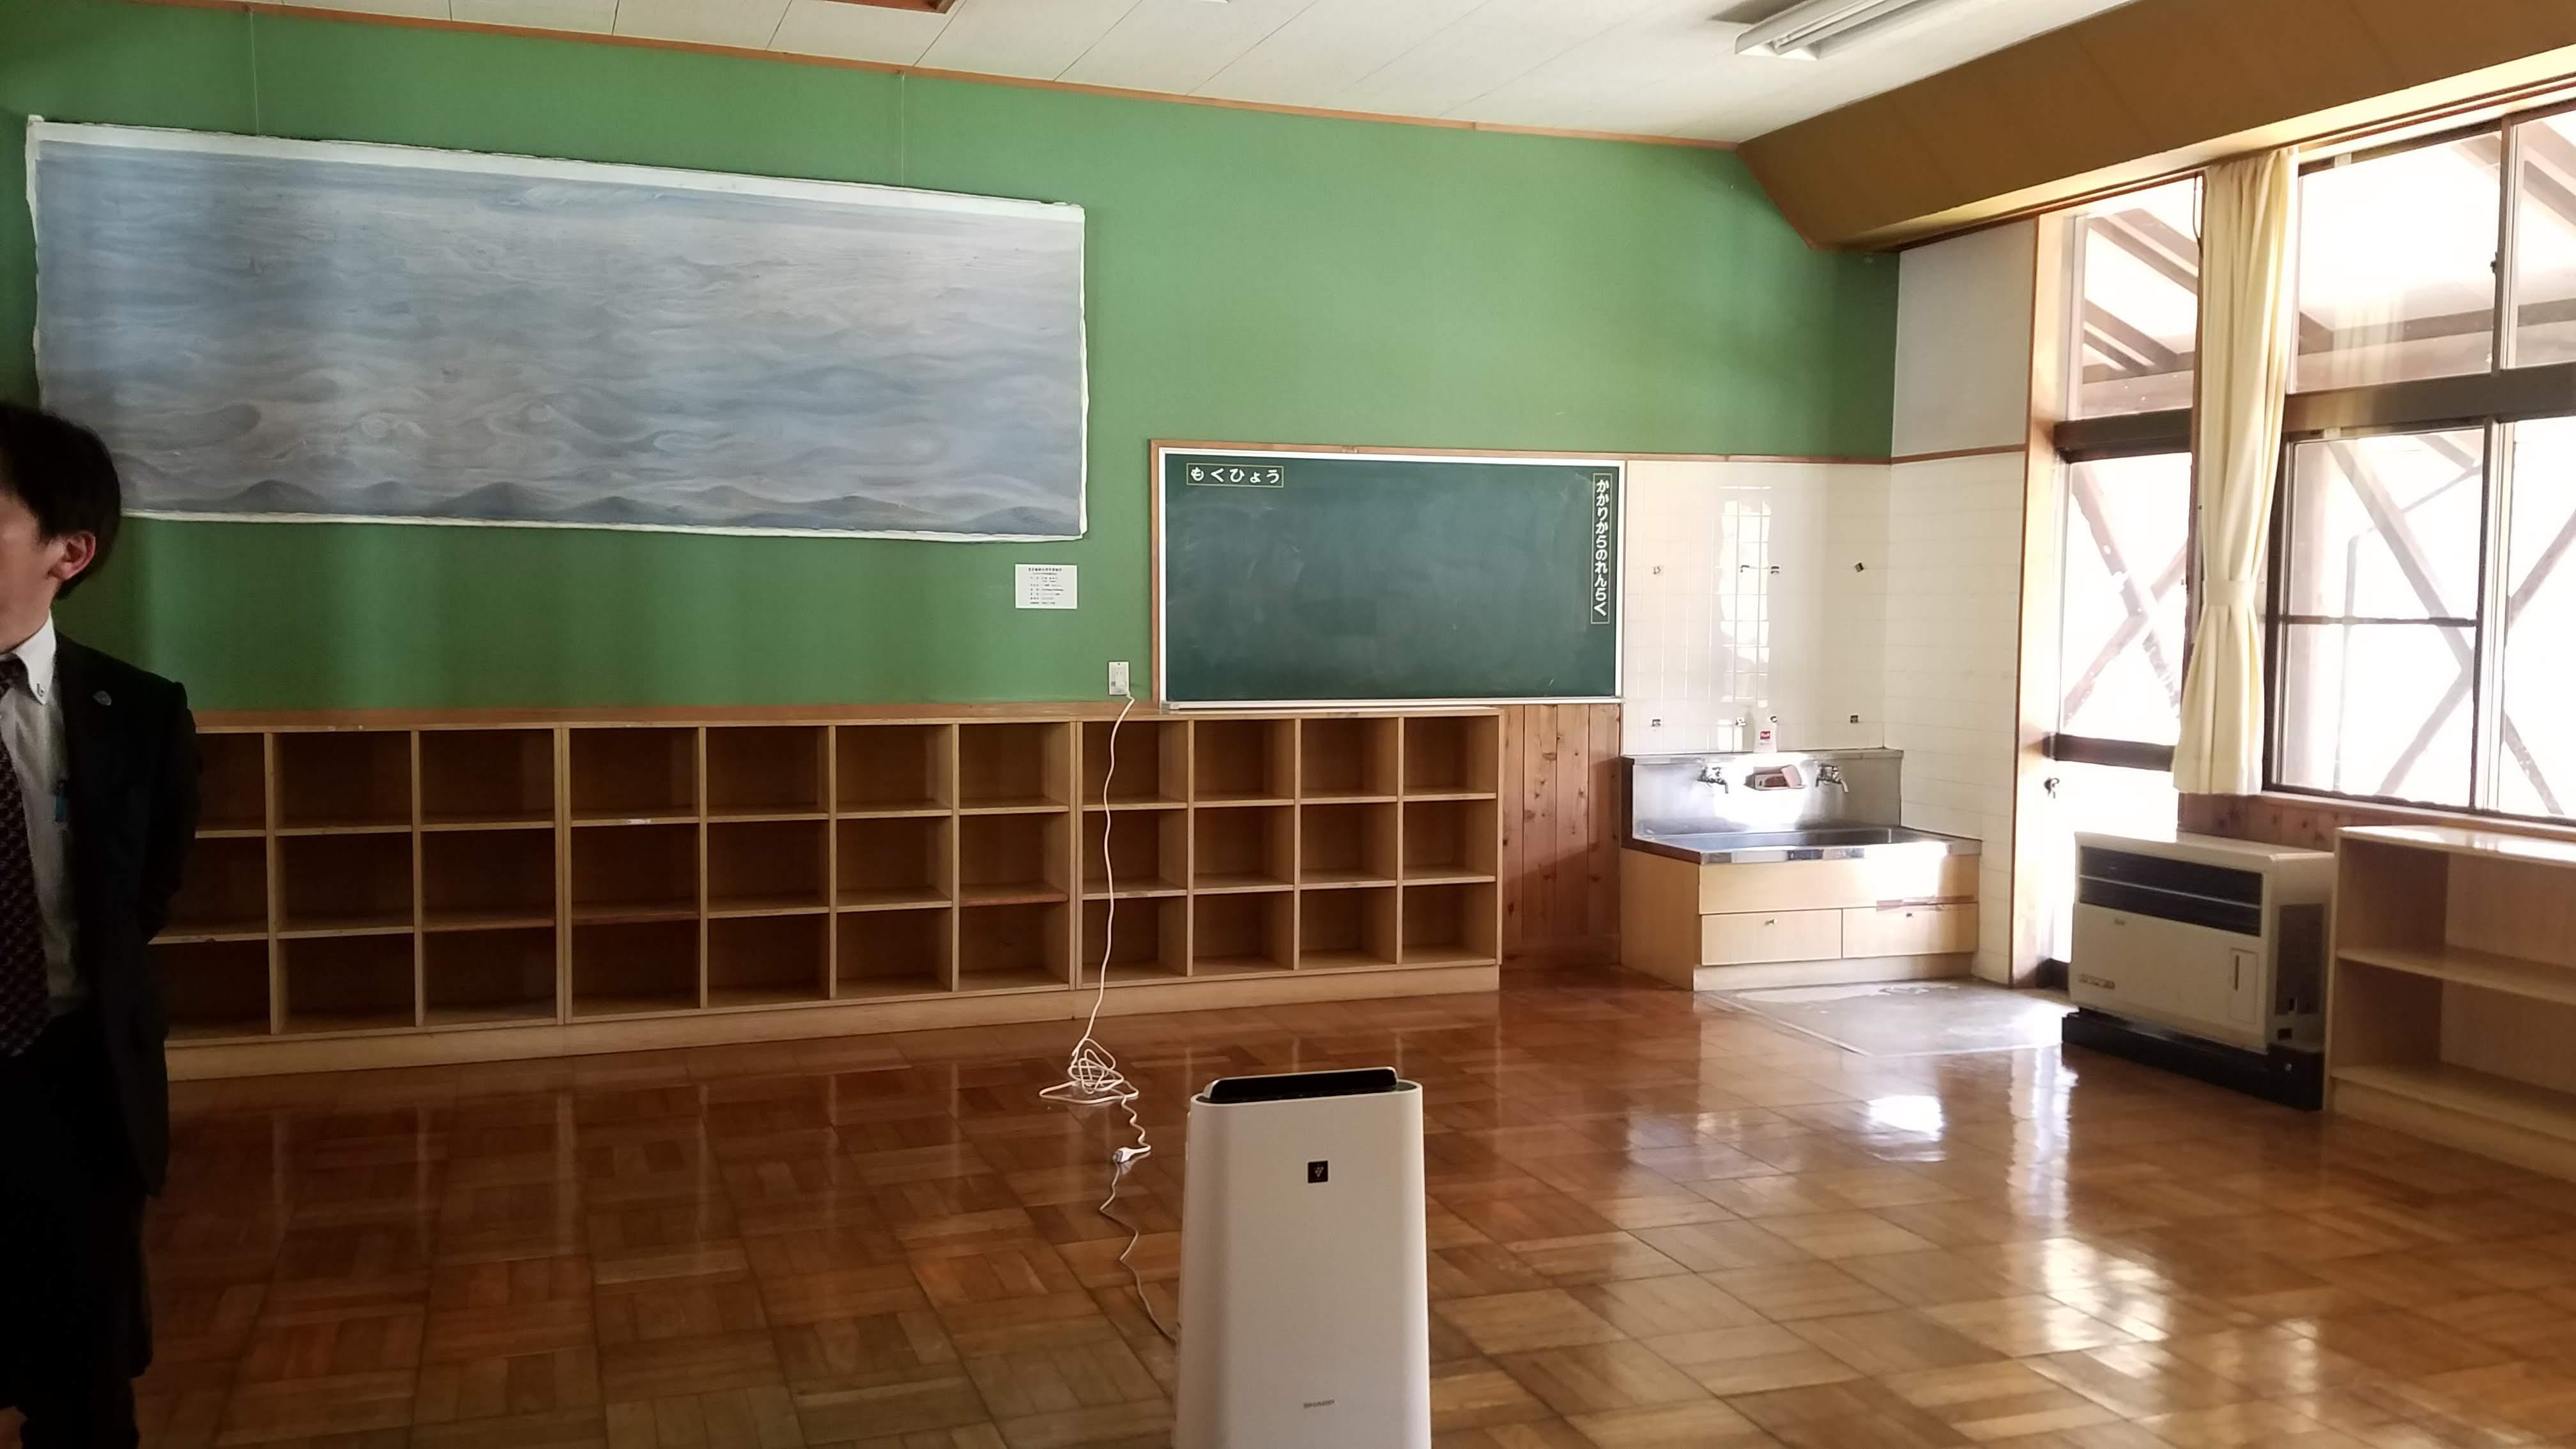 さる小-教室-